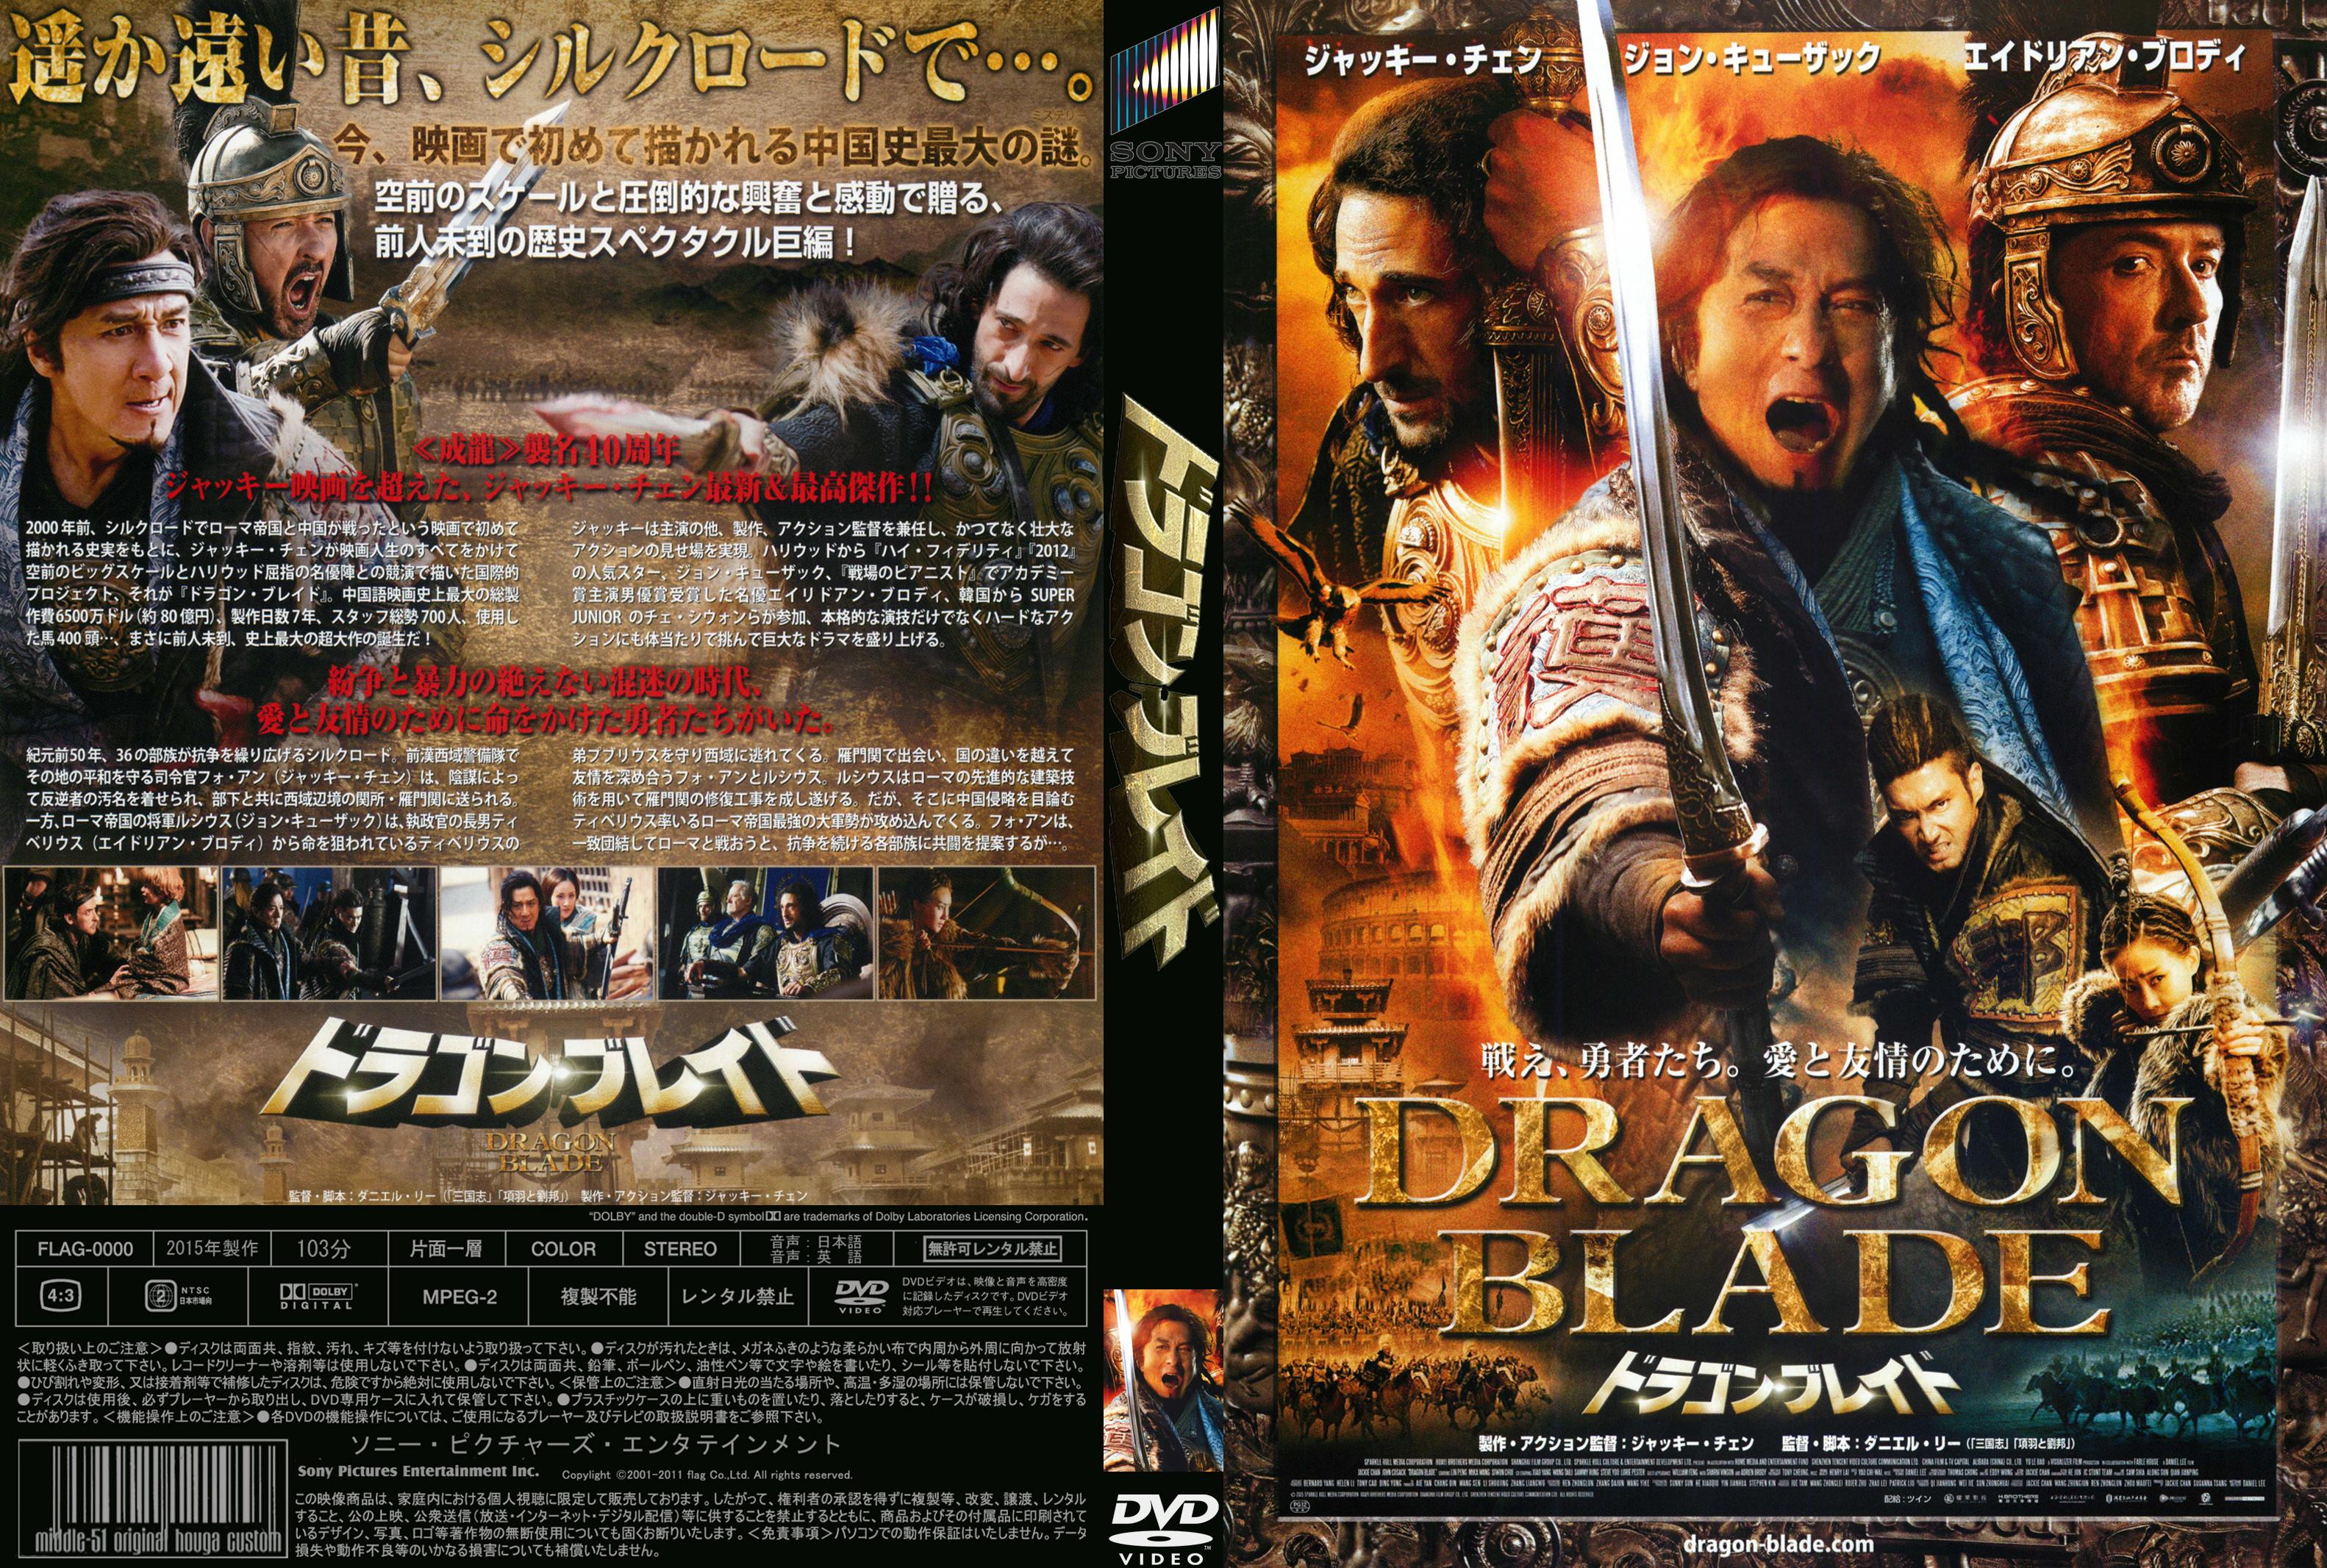 DVDノーマル 14㎜